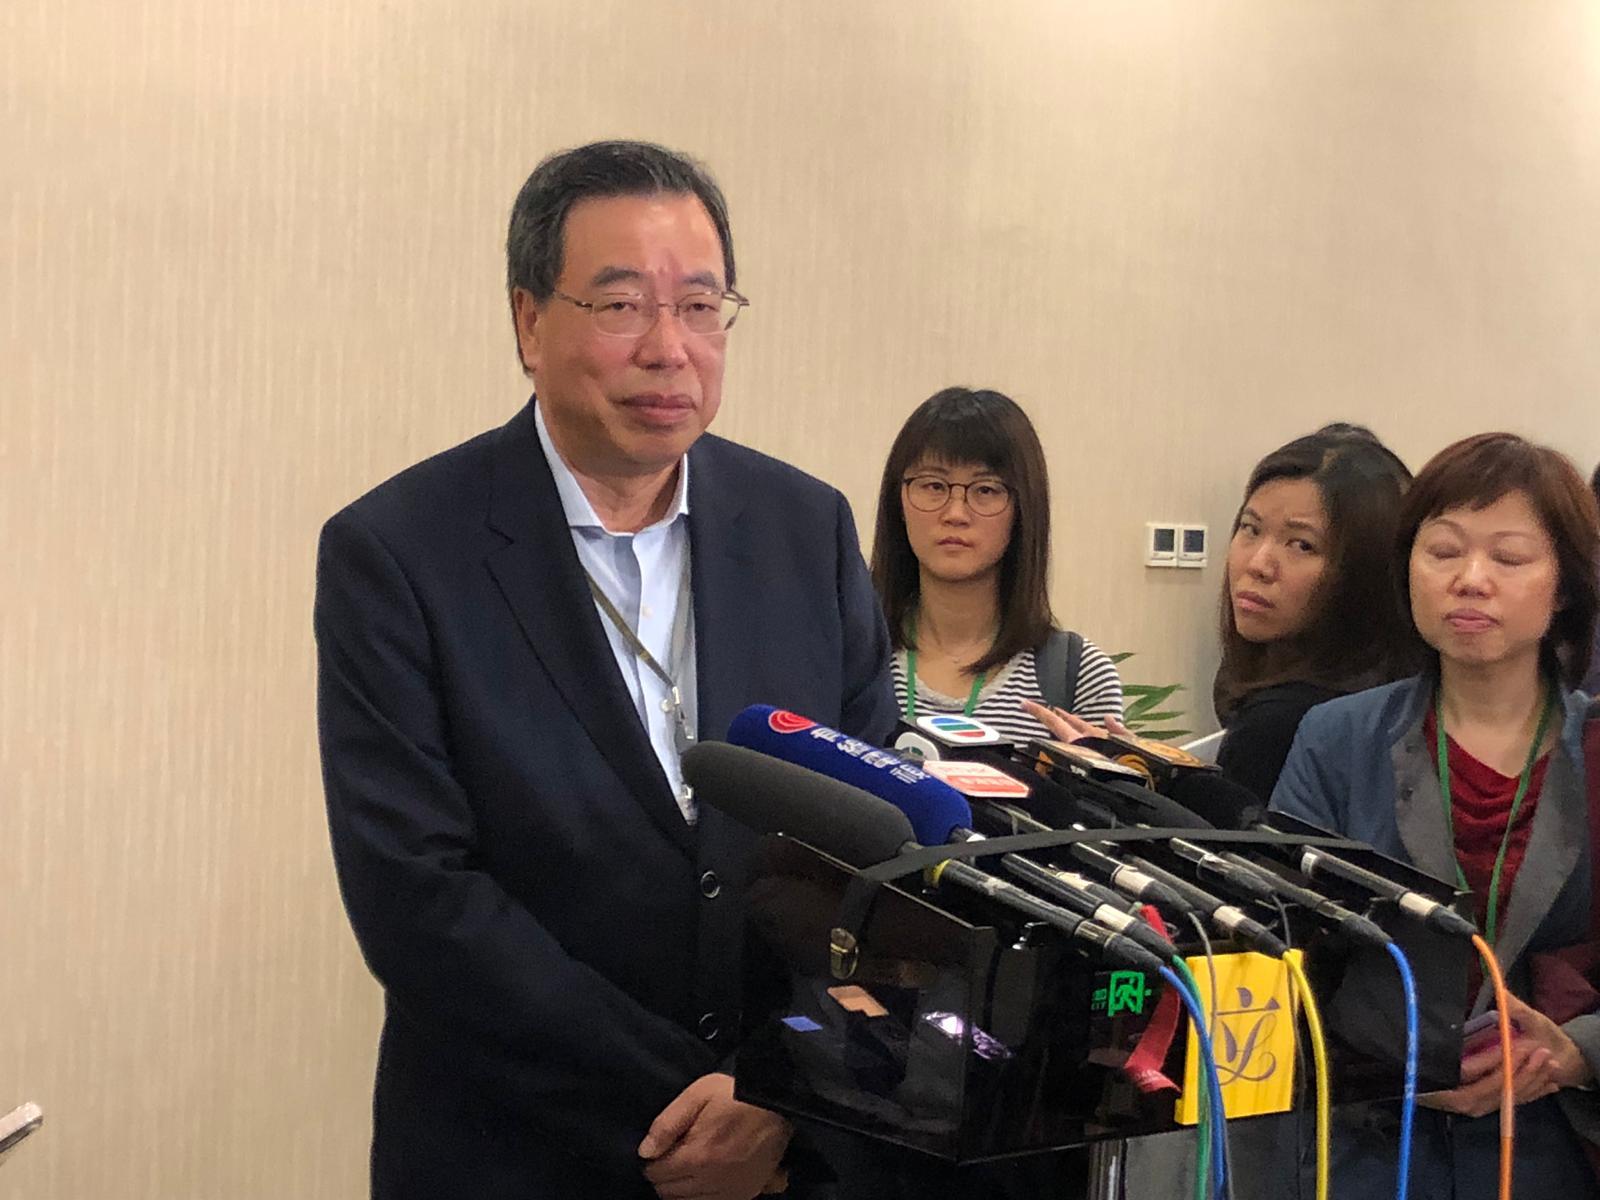 梁君彦表示从未试过主席宣告议员丧失议员资格。